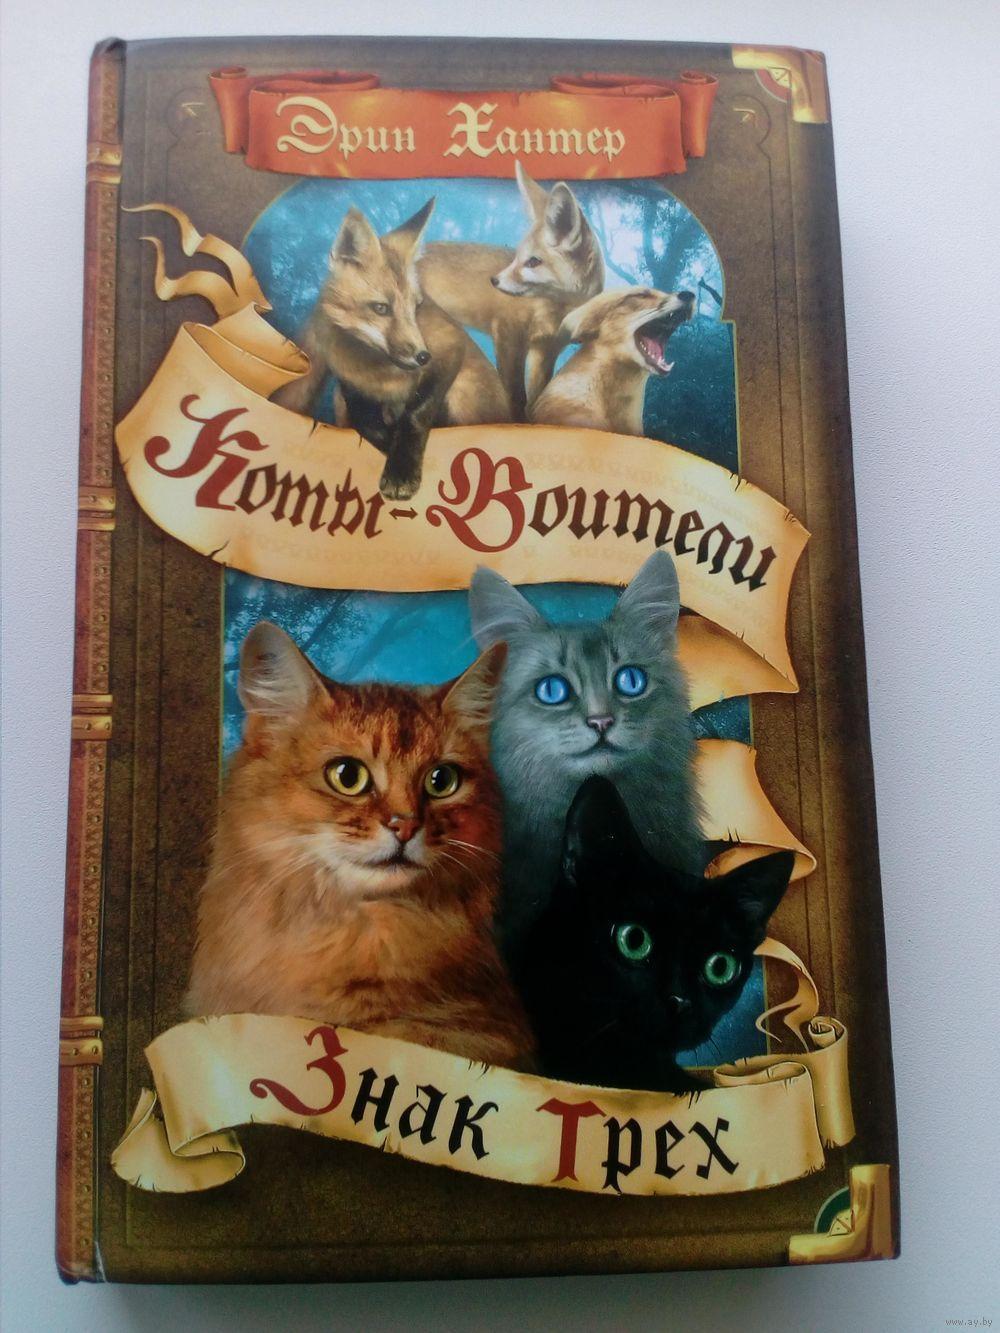 Хантер эрин коты-воители все книги по порядку некоторые дизайнерские-проекты